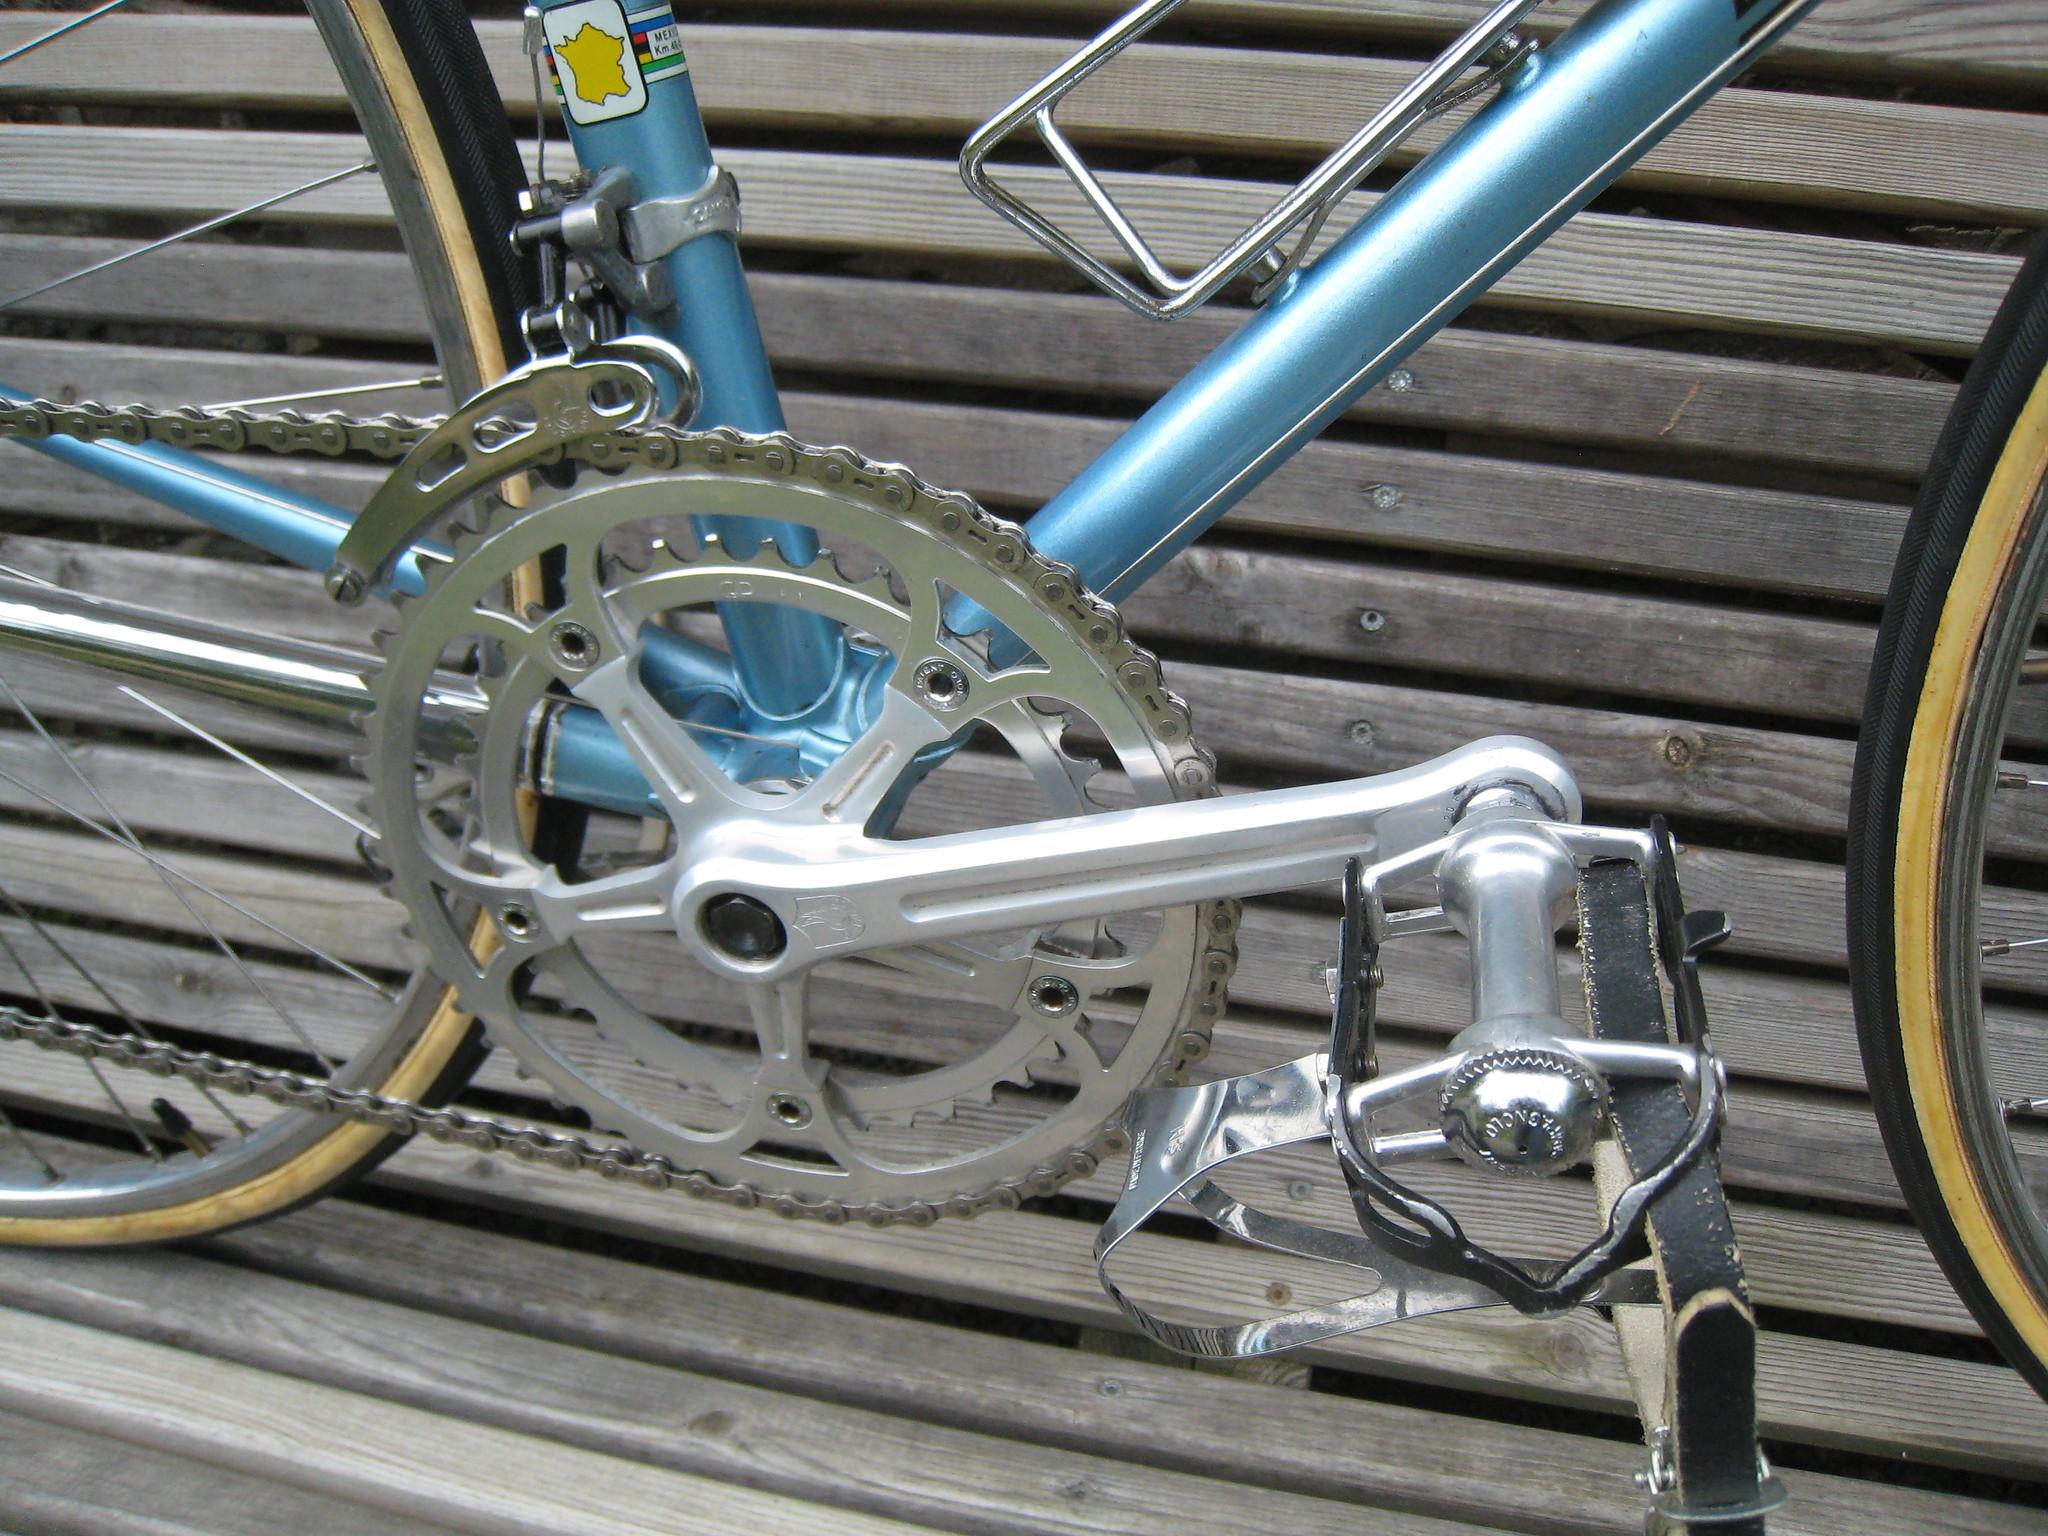 Eddy Merckx 1980 48446107281_57f349aa8f_k